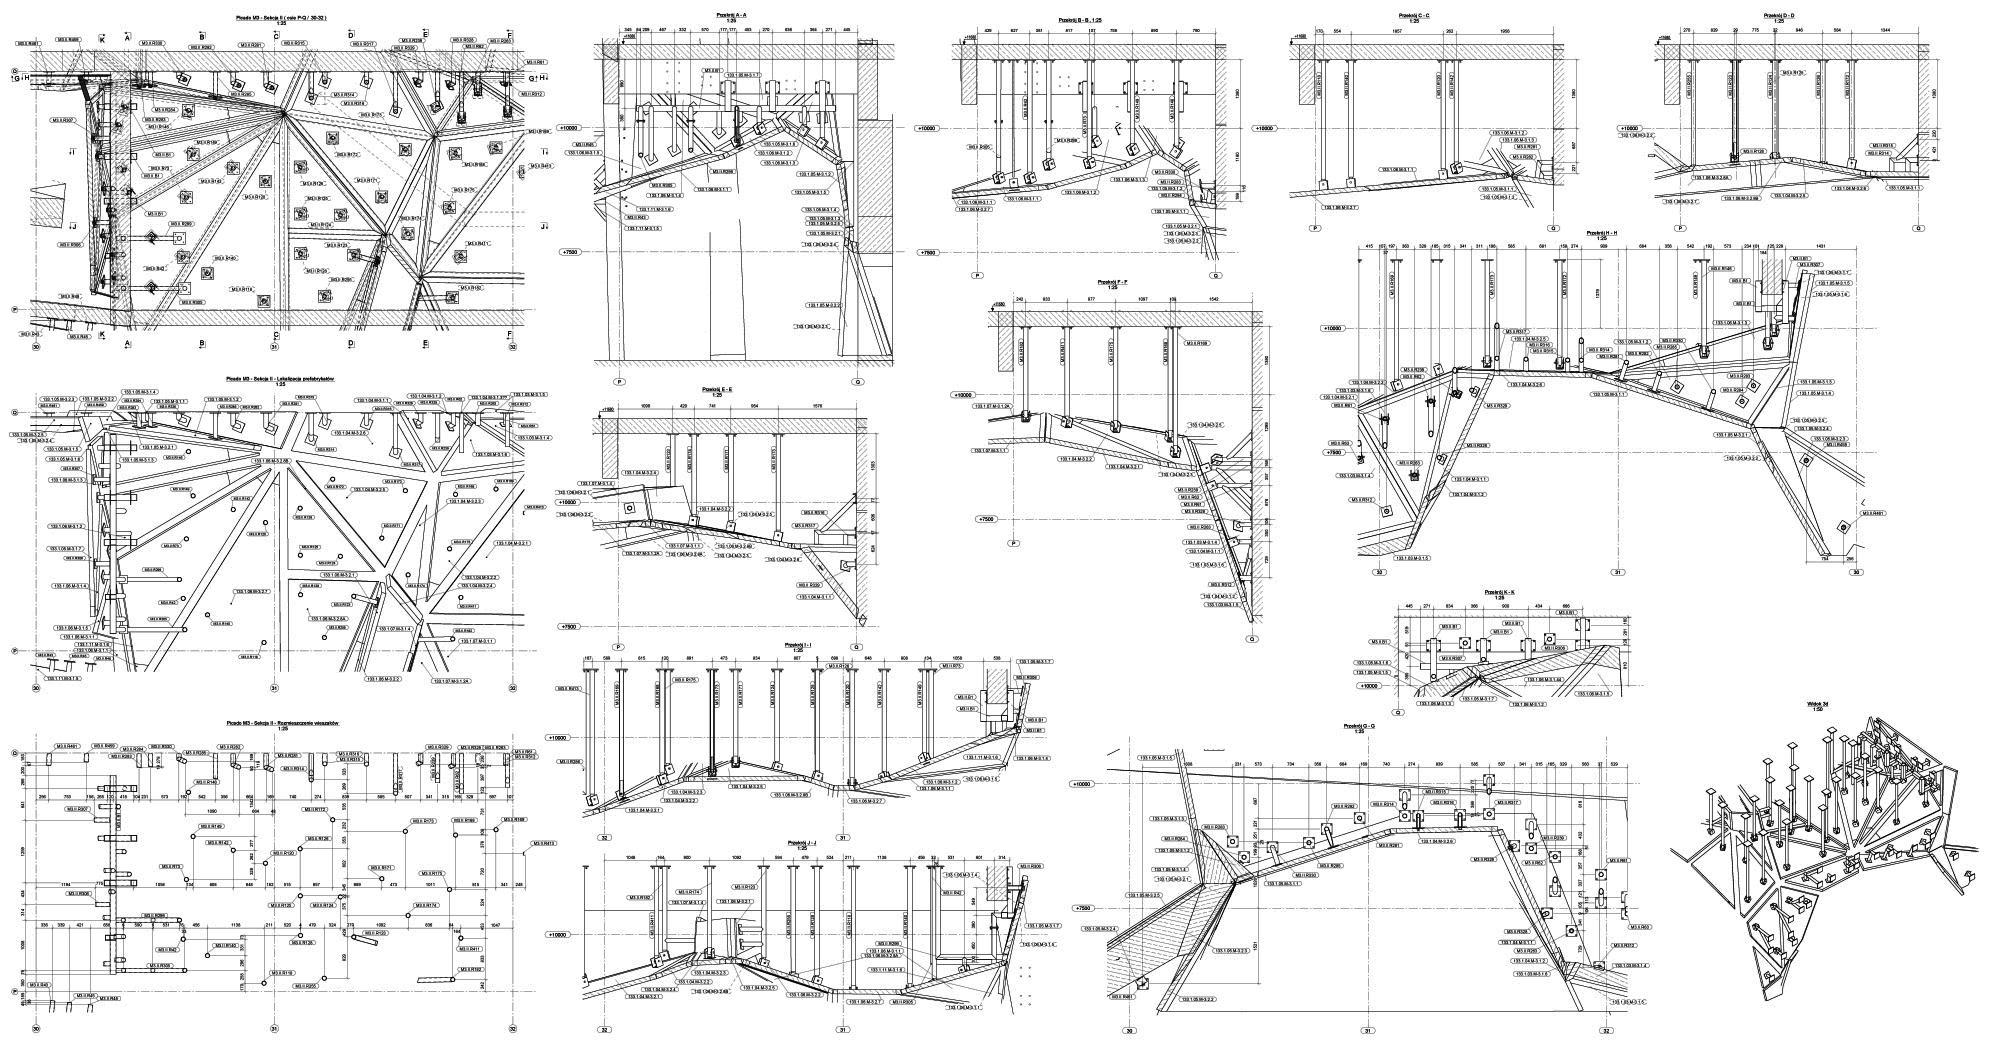 Projektowanie konstrukcji budowlanych i inżynierskich, rysunki montażowe konstrukcji.